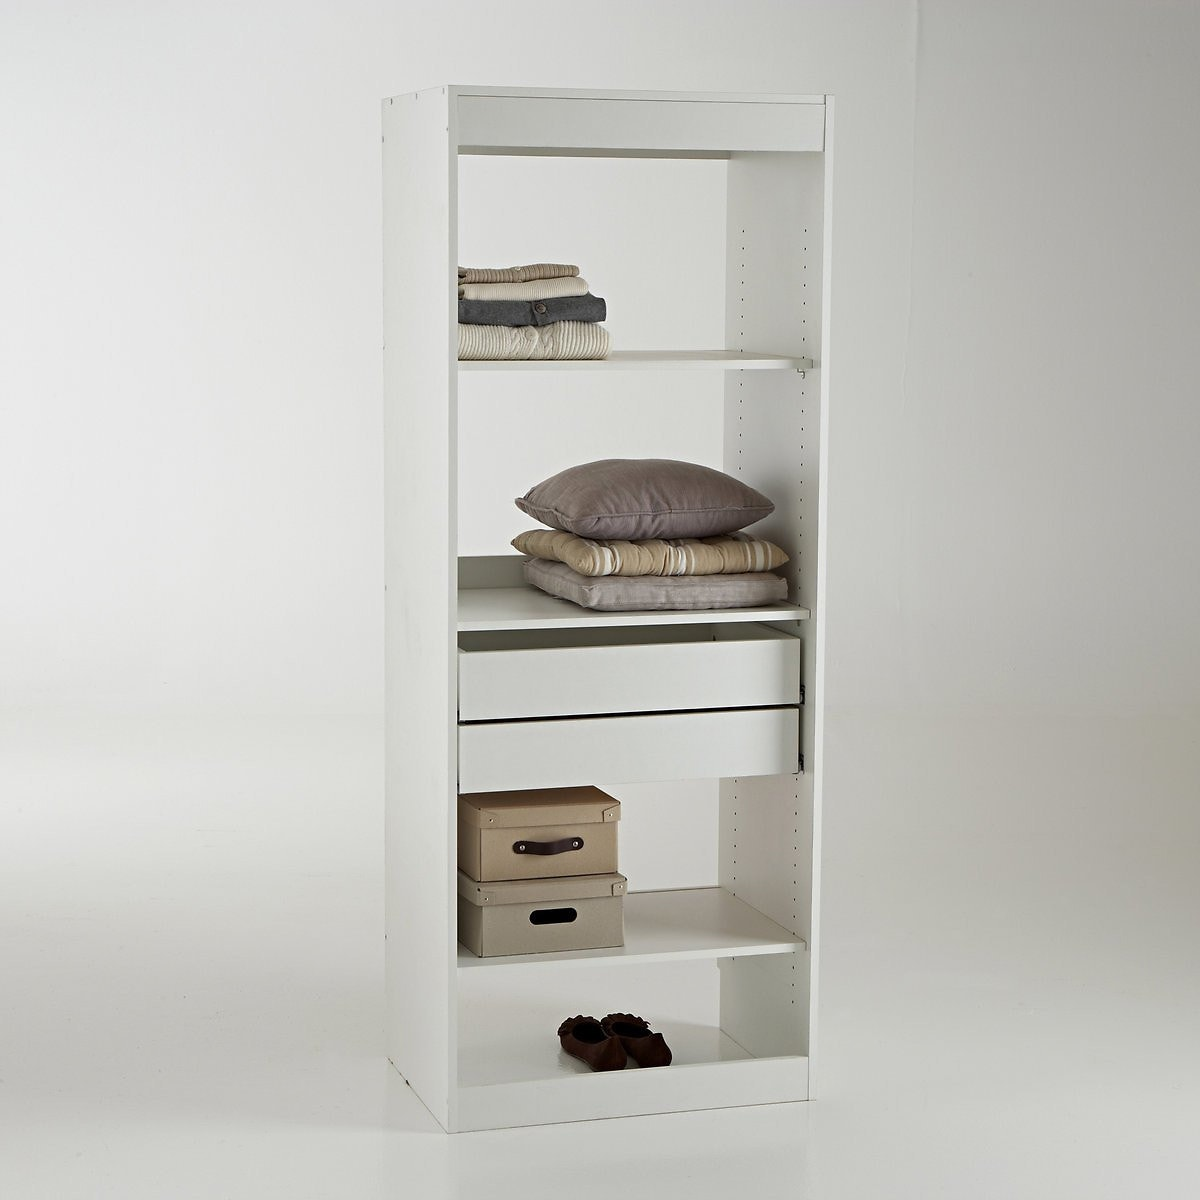 Μονάδα ντουλάπας με 3 ράφια και 2 συρτάρια, Build